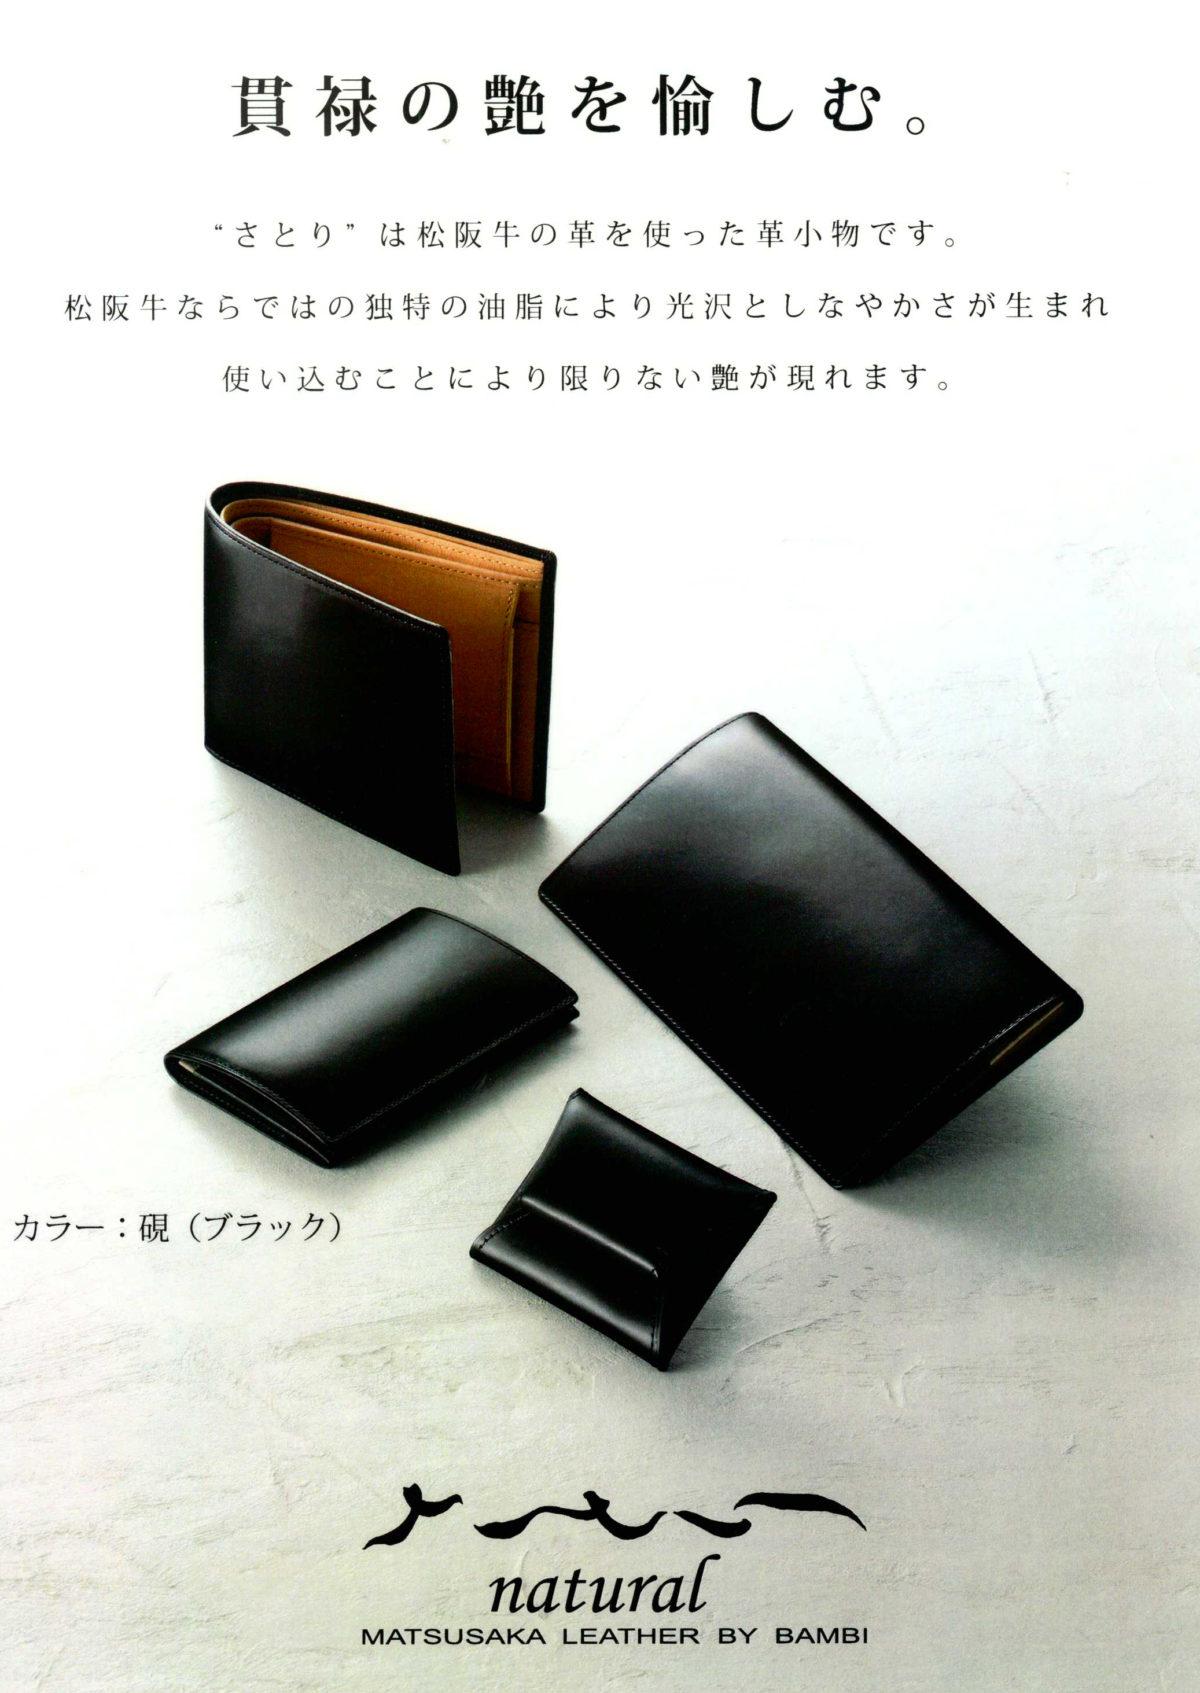 さとり_松坂牛の財布